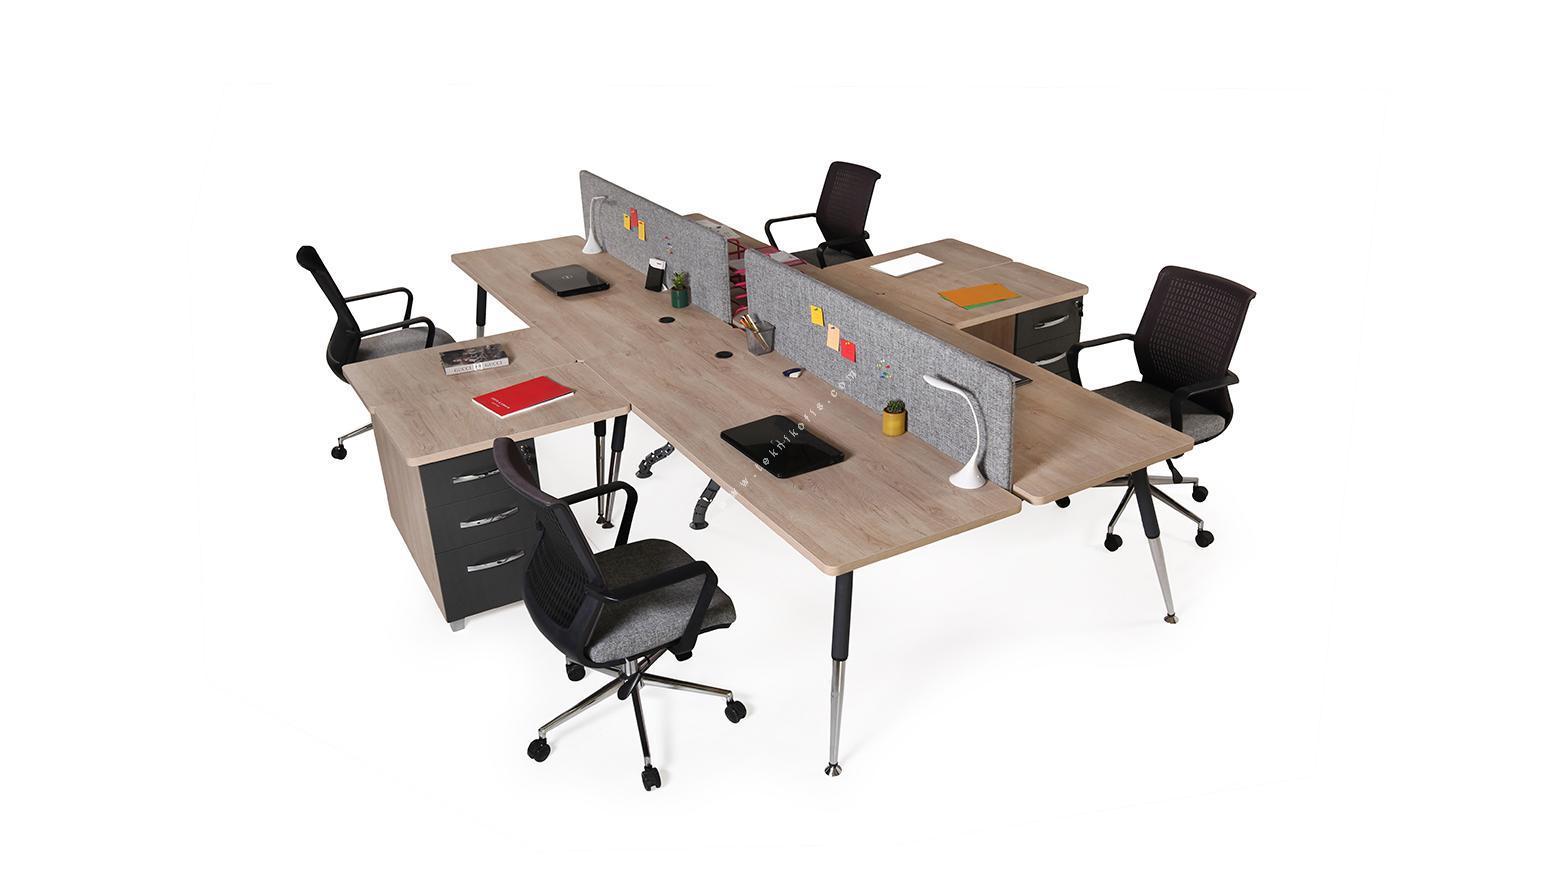 nario 360cm dörtlü masa kumaş seperatör